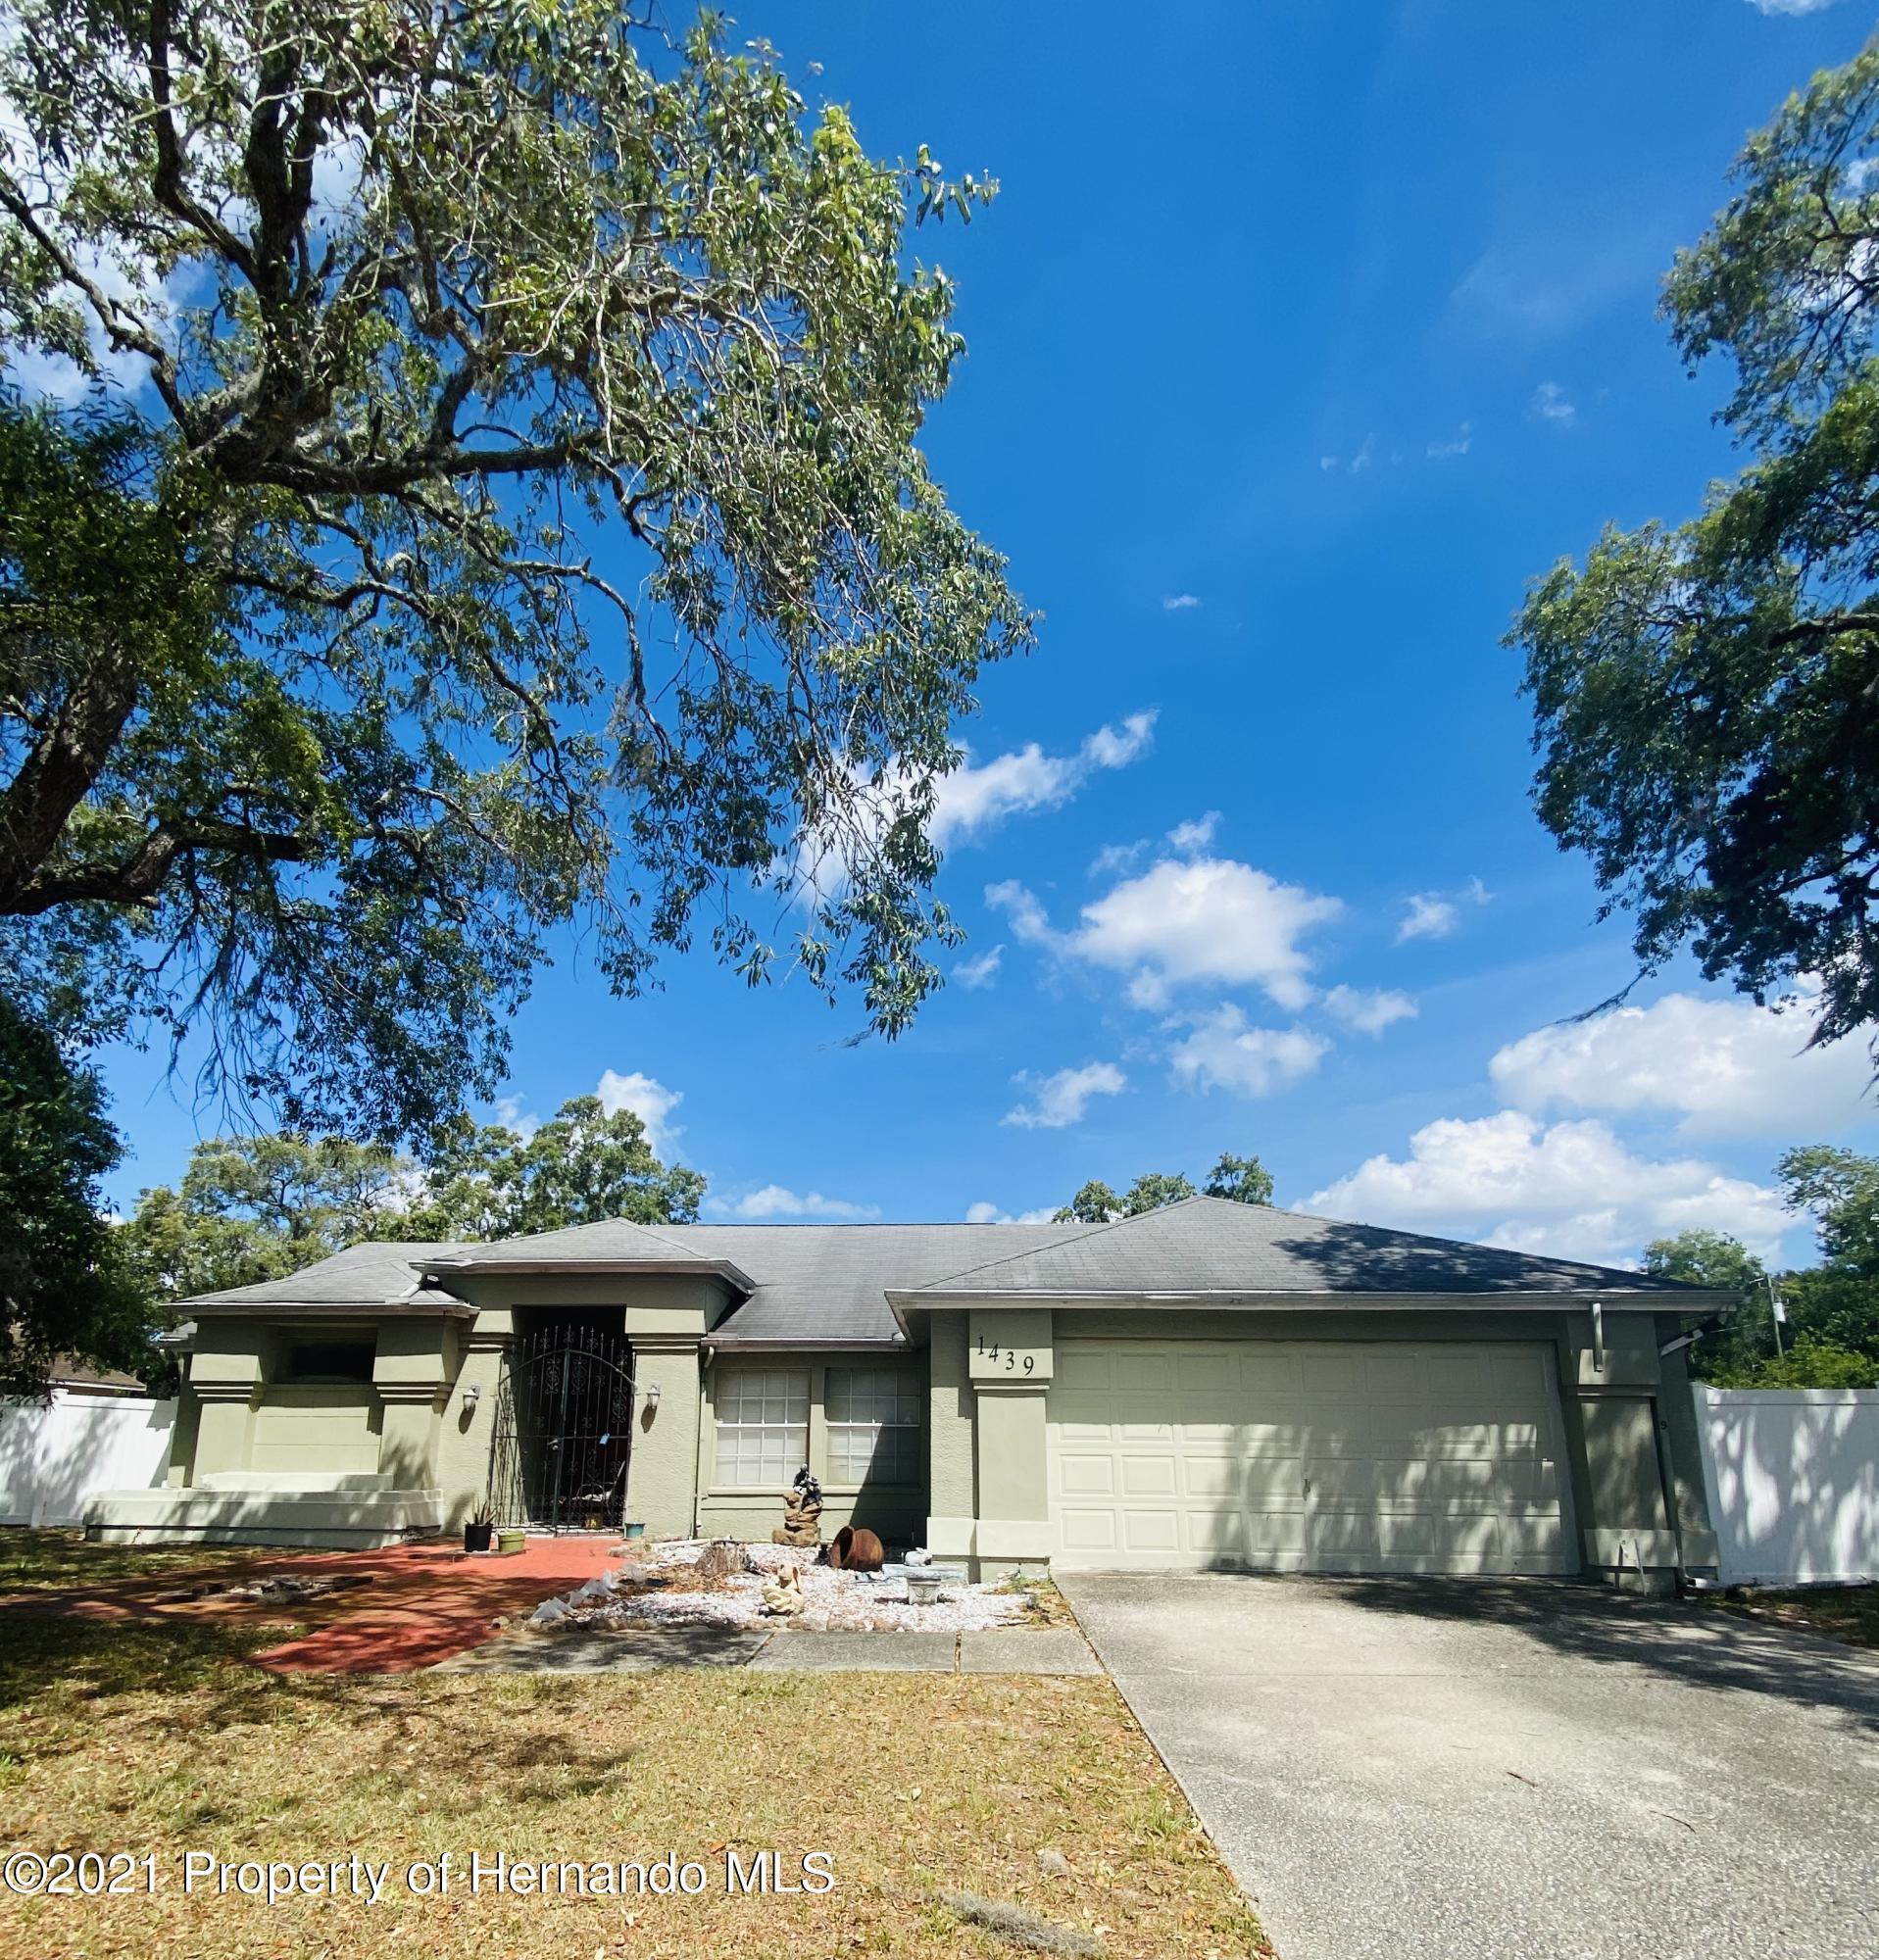 Details for 1439 Deltona Boulevard, Spring Hill, FL 34606